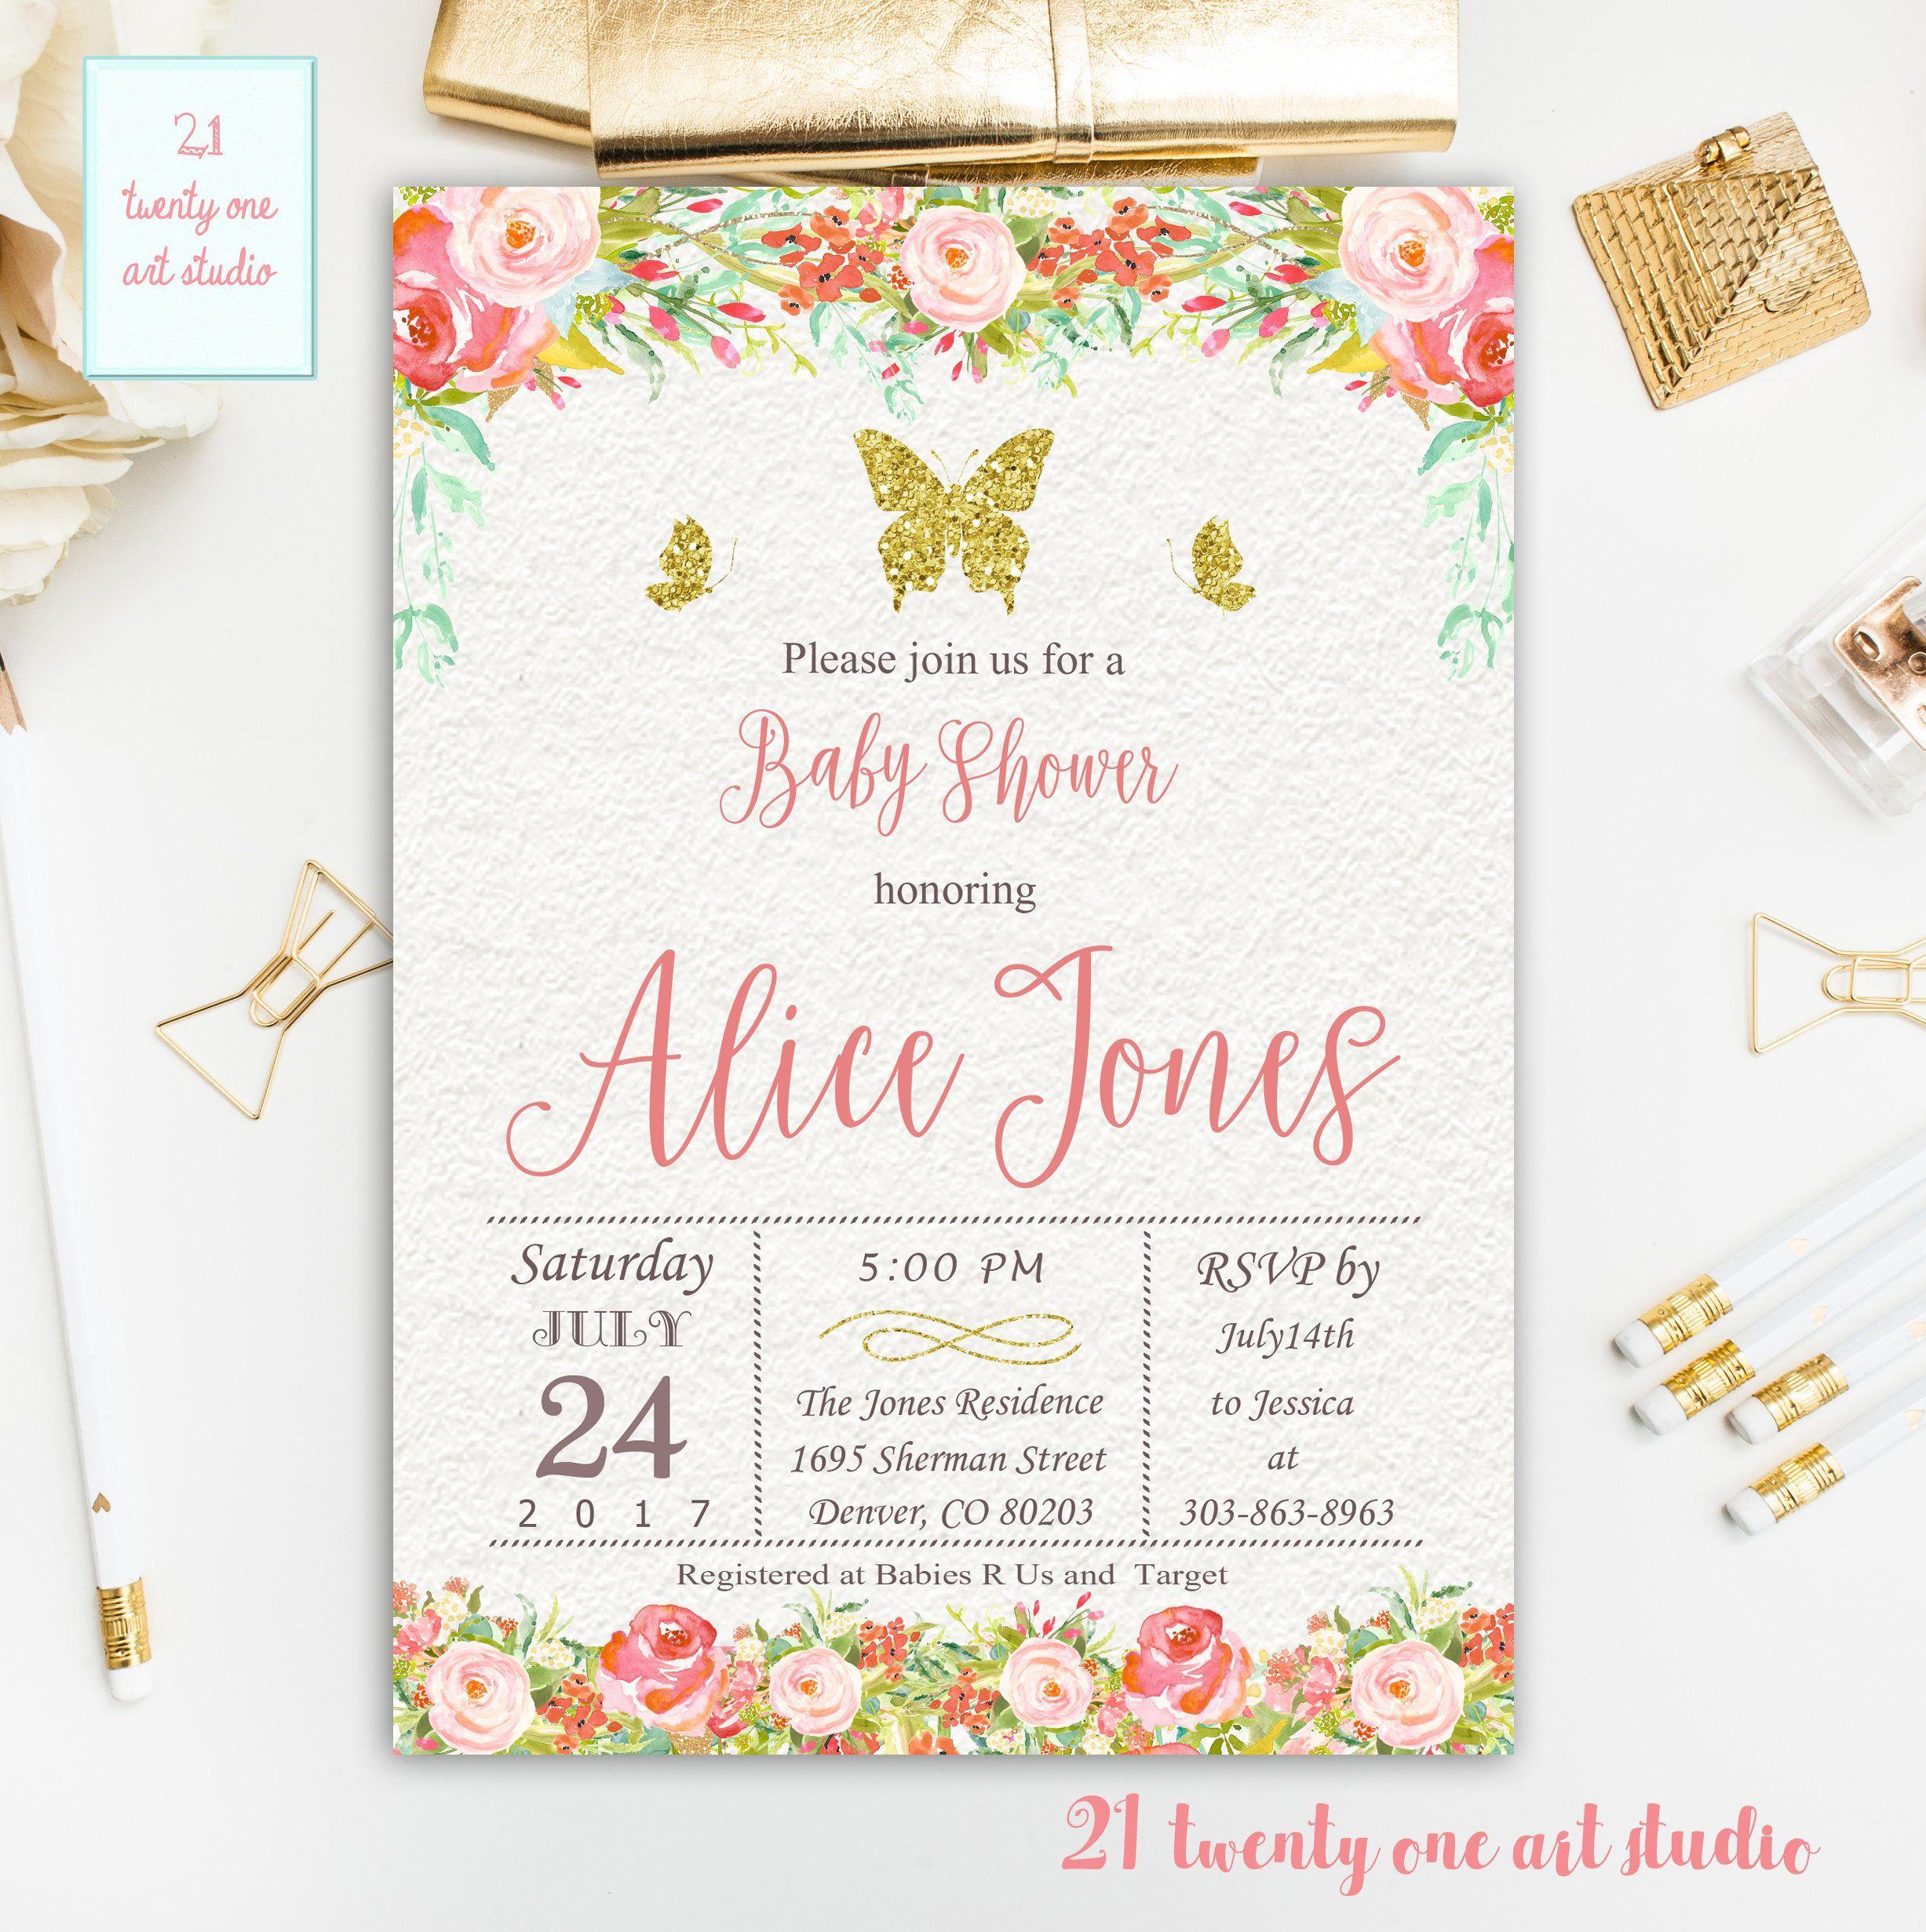 Einladung Baby Shower Text | Geburtstag Einladung | Pinterest